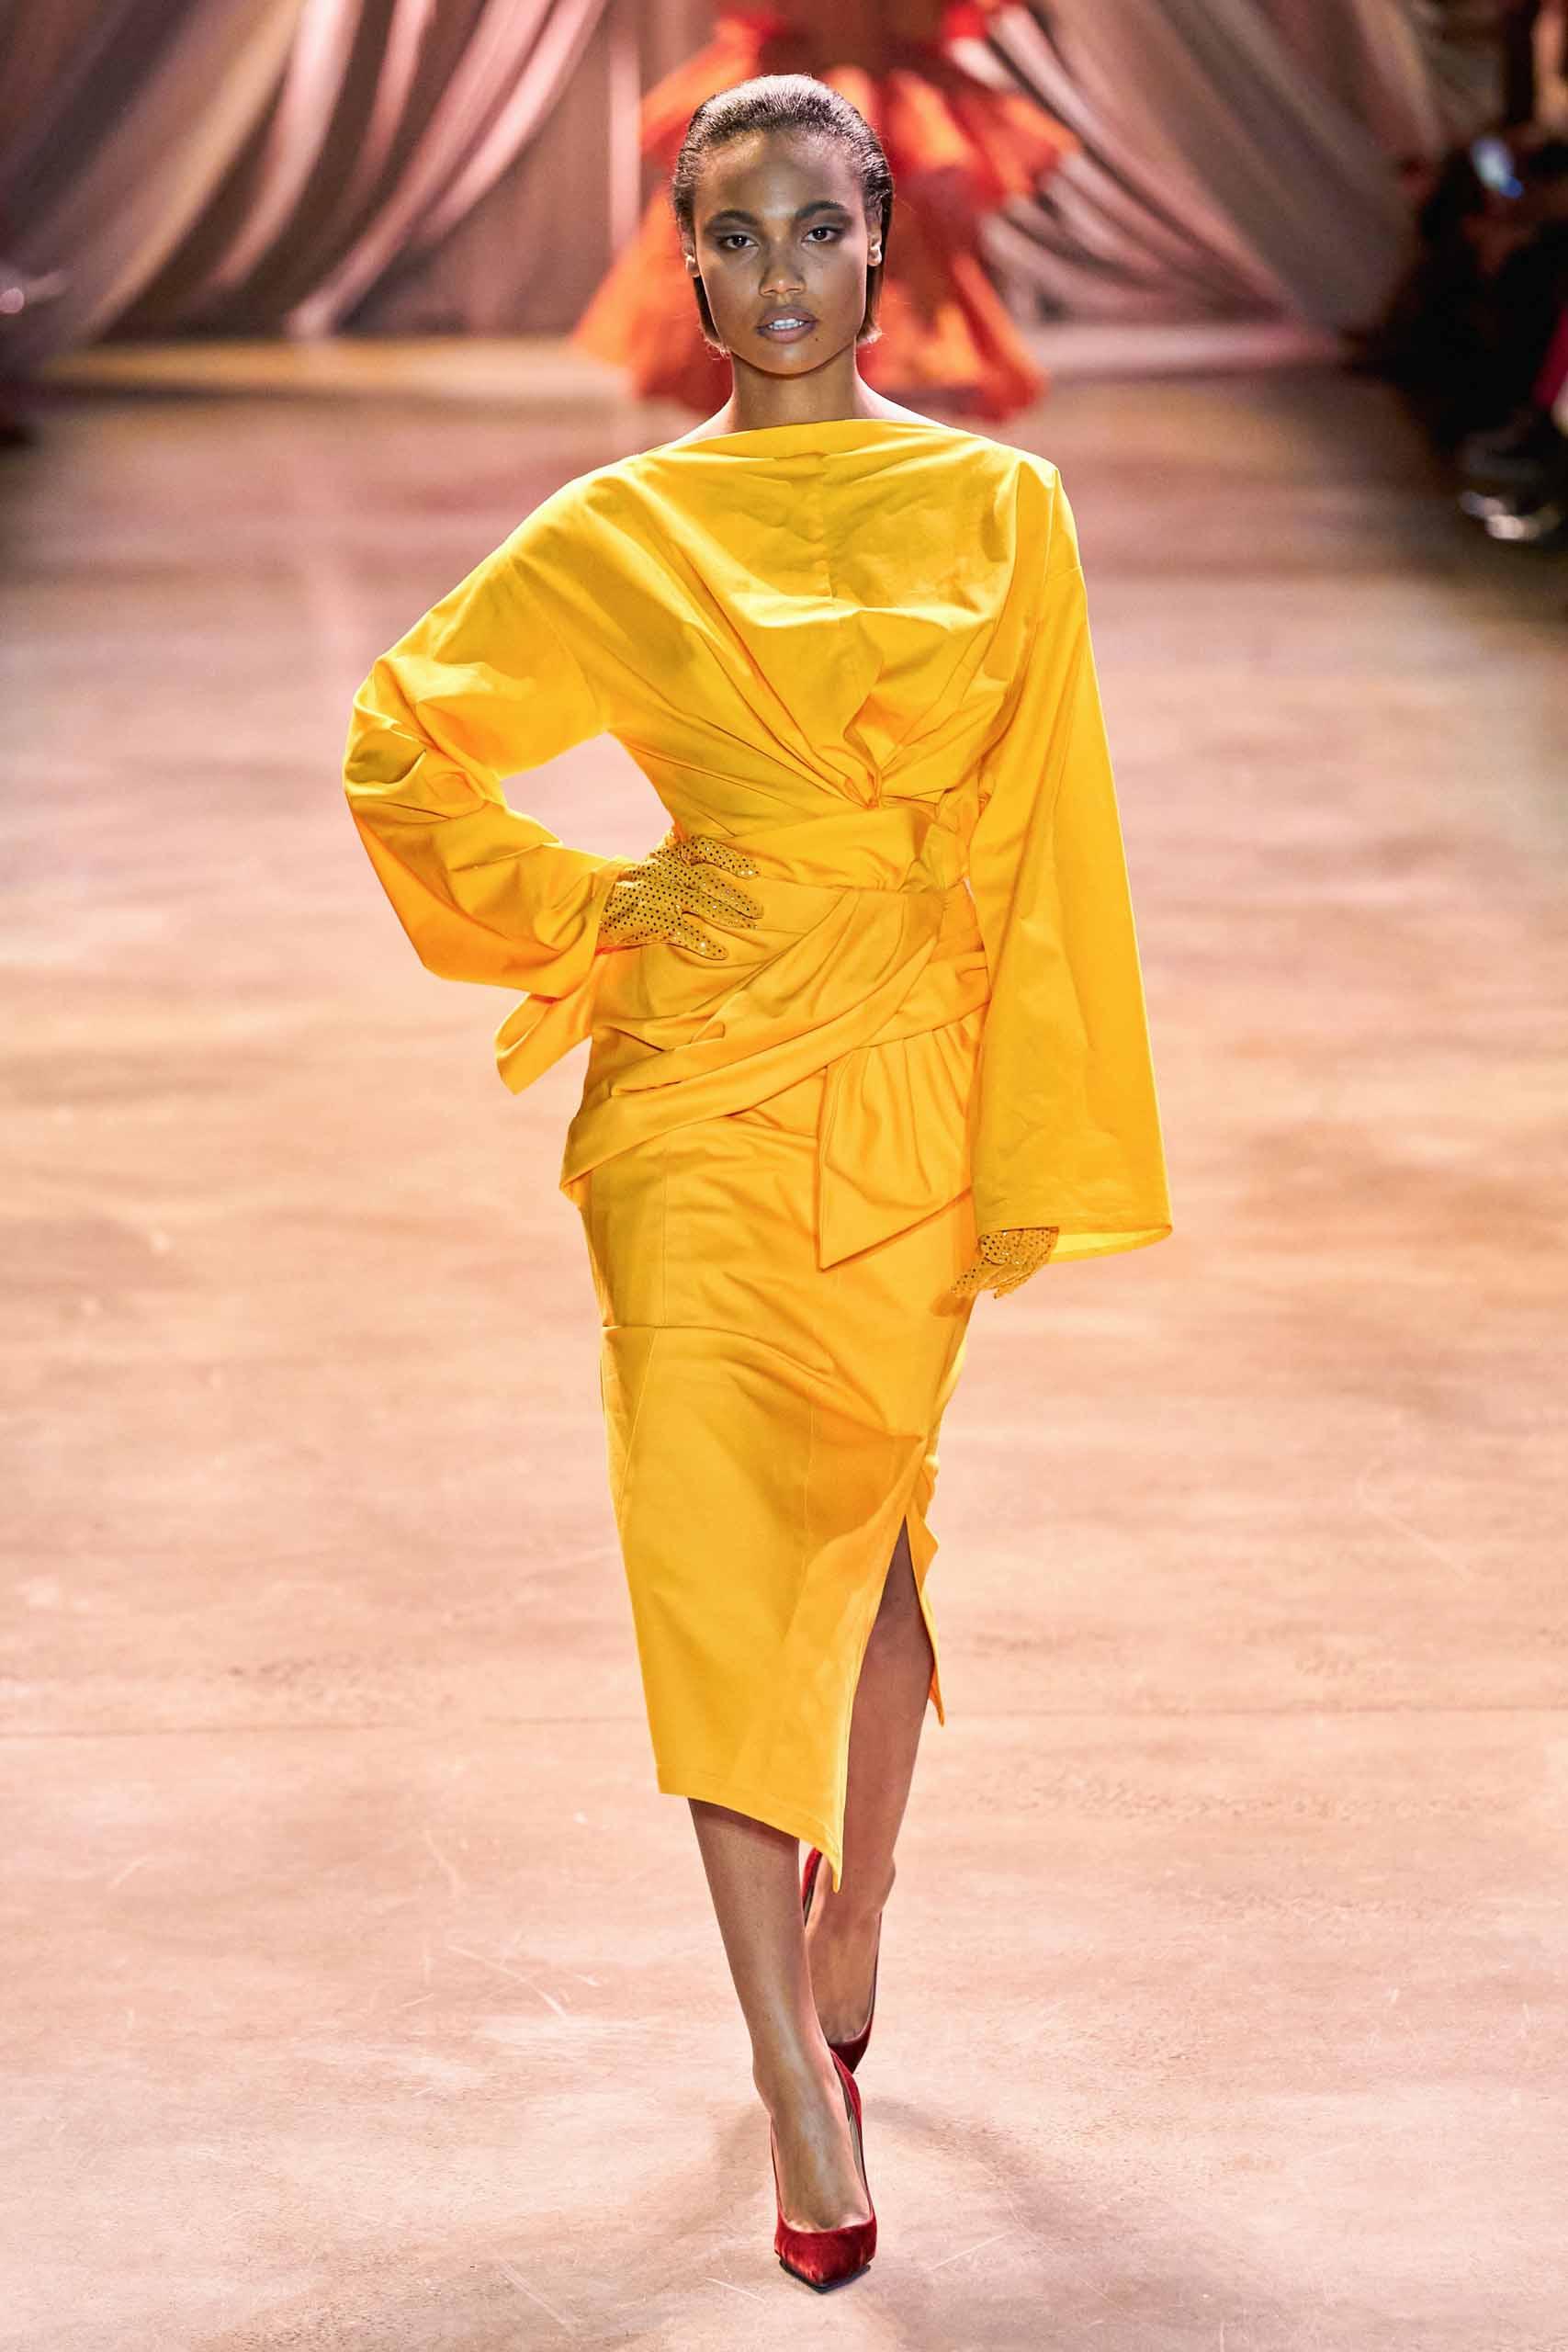 10 chiếc váy mang tính cảm hứng trên sàn diễn Thu Đông - 7